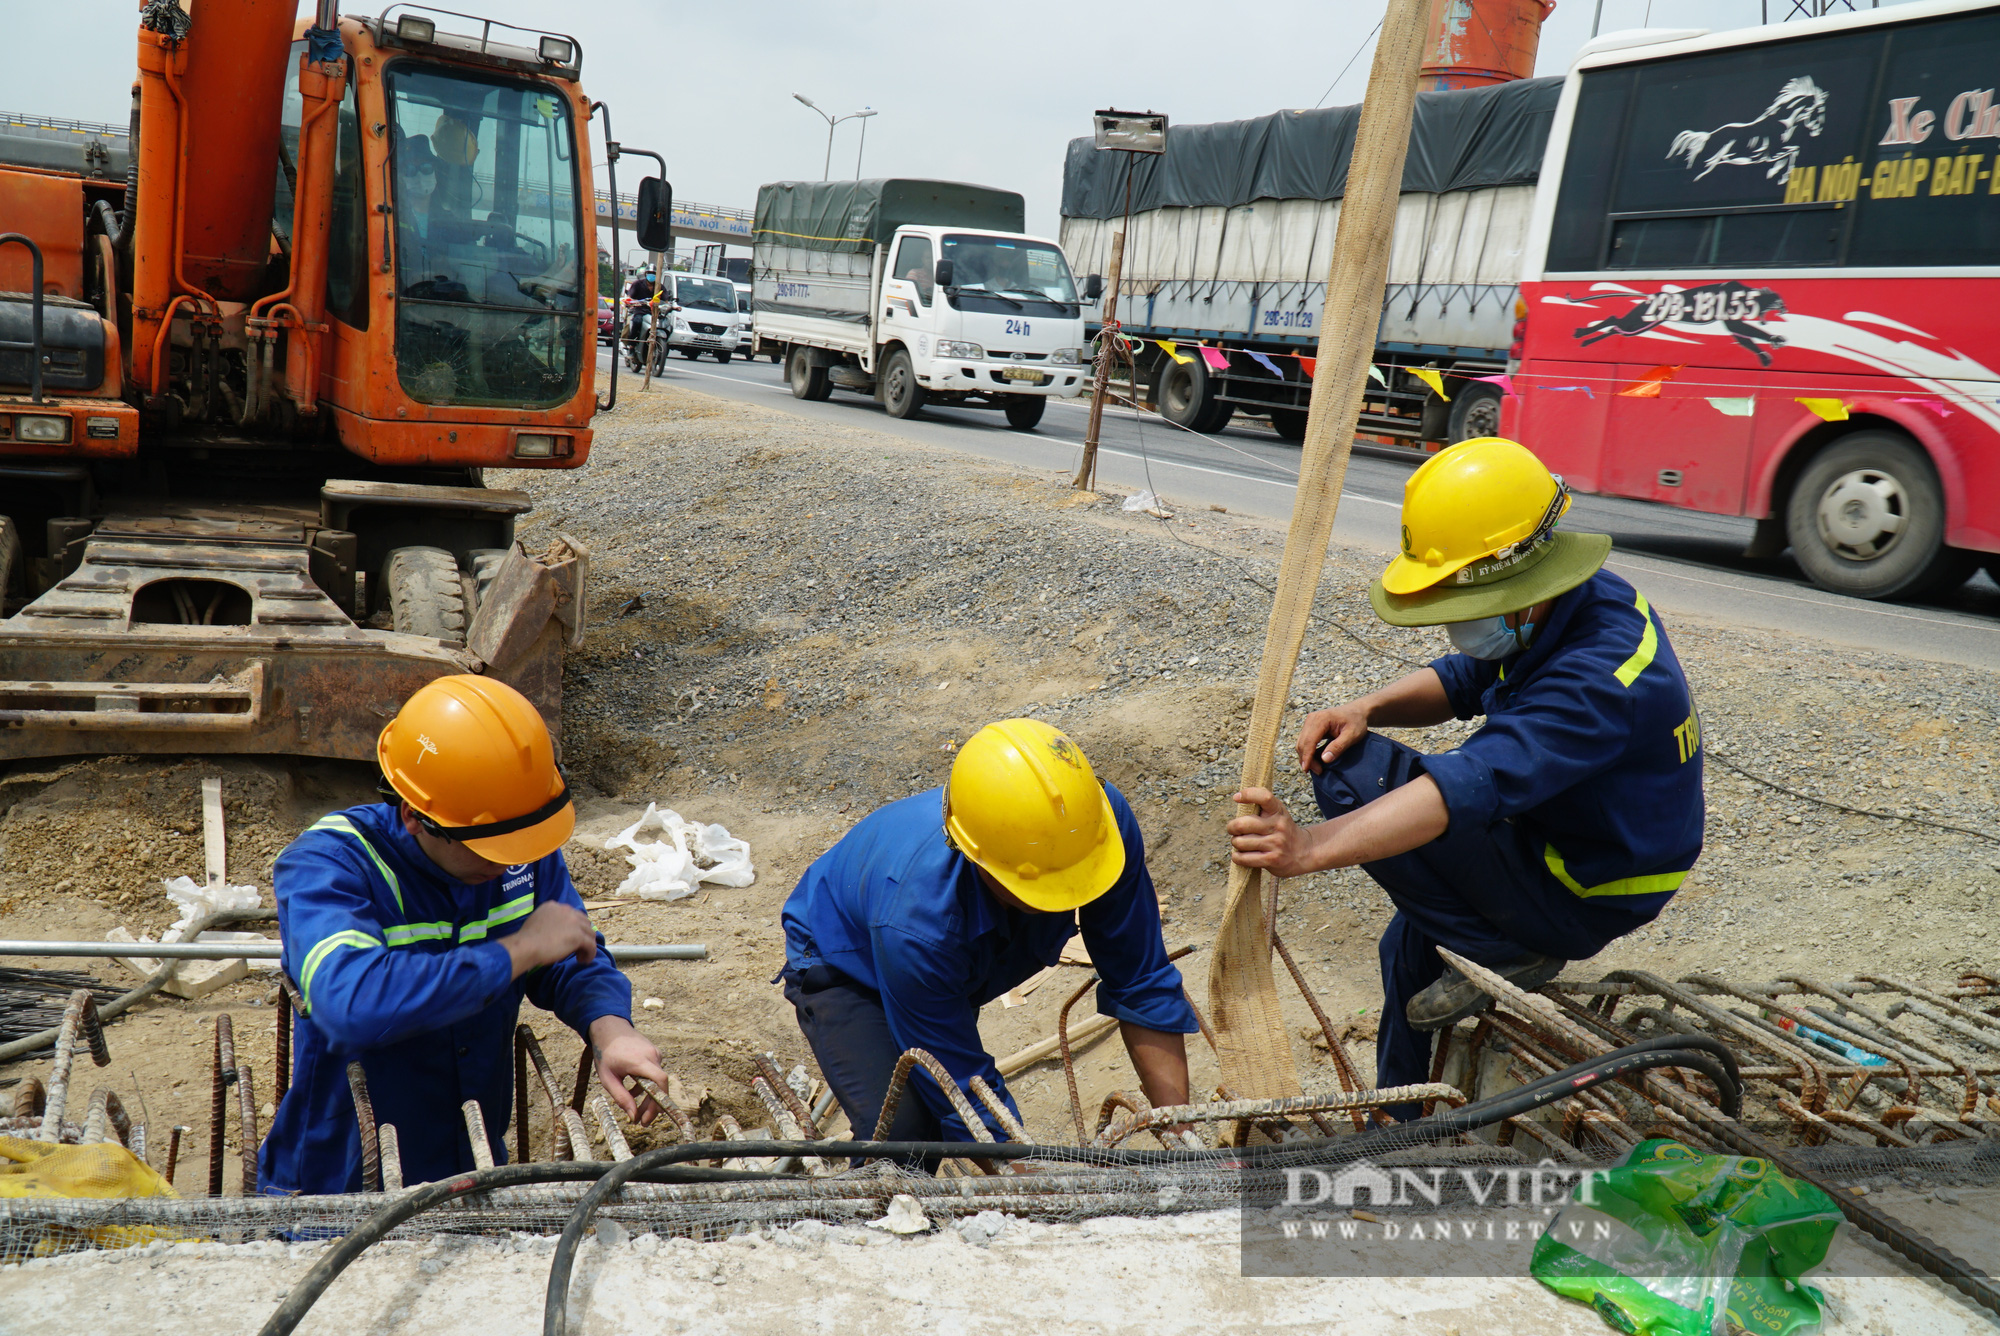 Công nhân tất bật xây dựng tuyến đường 400 tỷ kết nối Vành đai 3 với cao tốc Hà Nội - Hải Phòng - Ảnh 12.